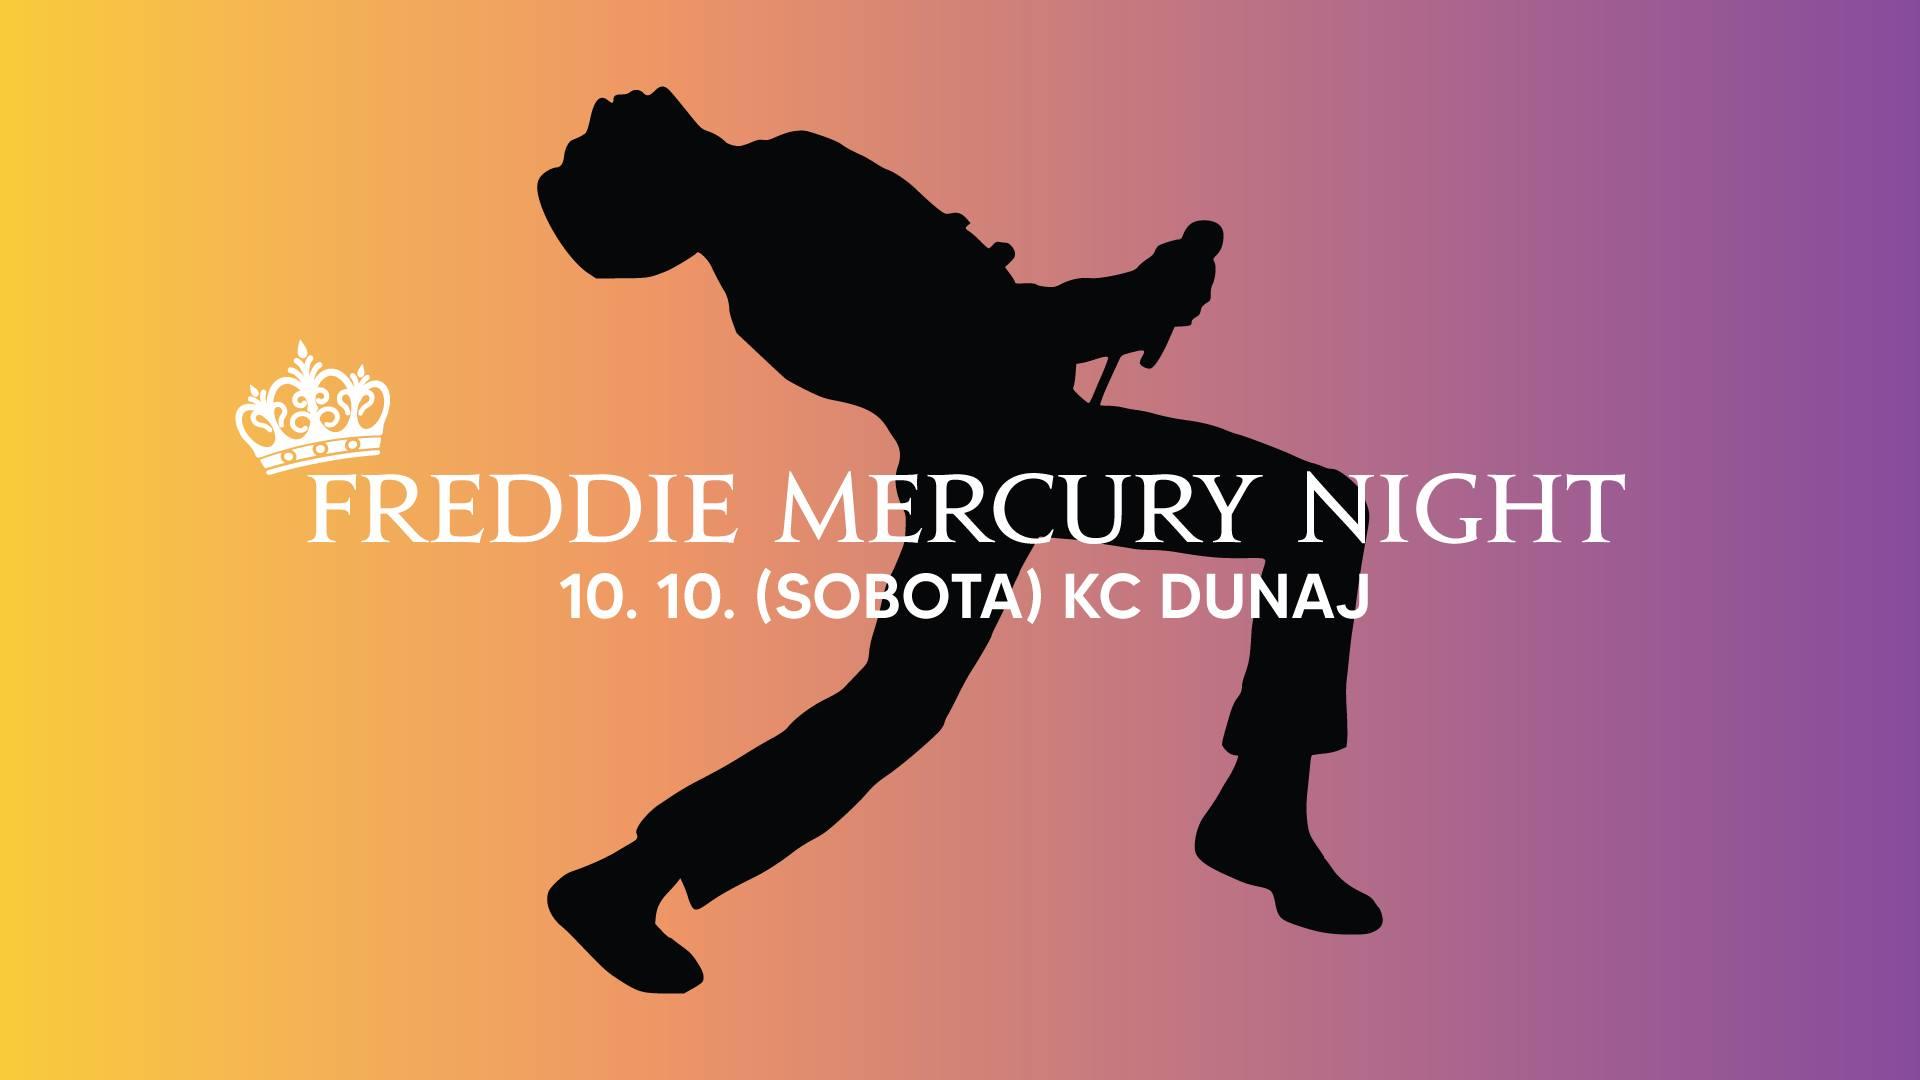 Freddie Mercury Night | KC Dunaj 10.10.2020